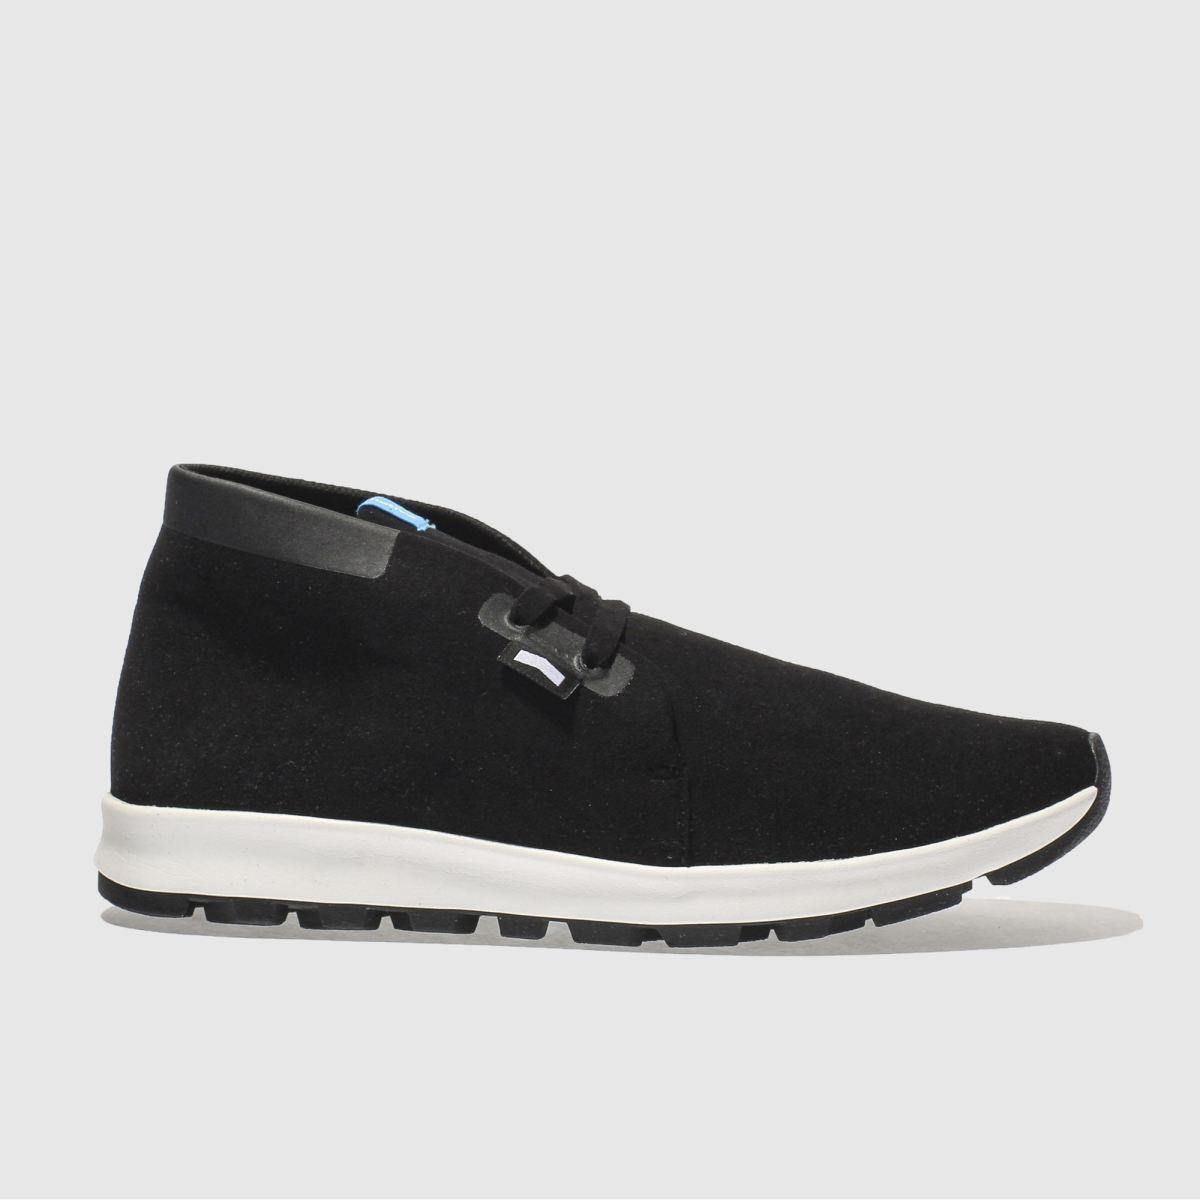 native black ap chukka hydro boots